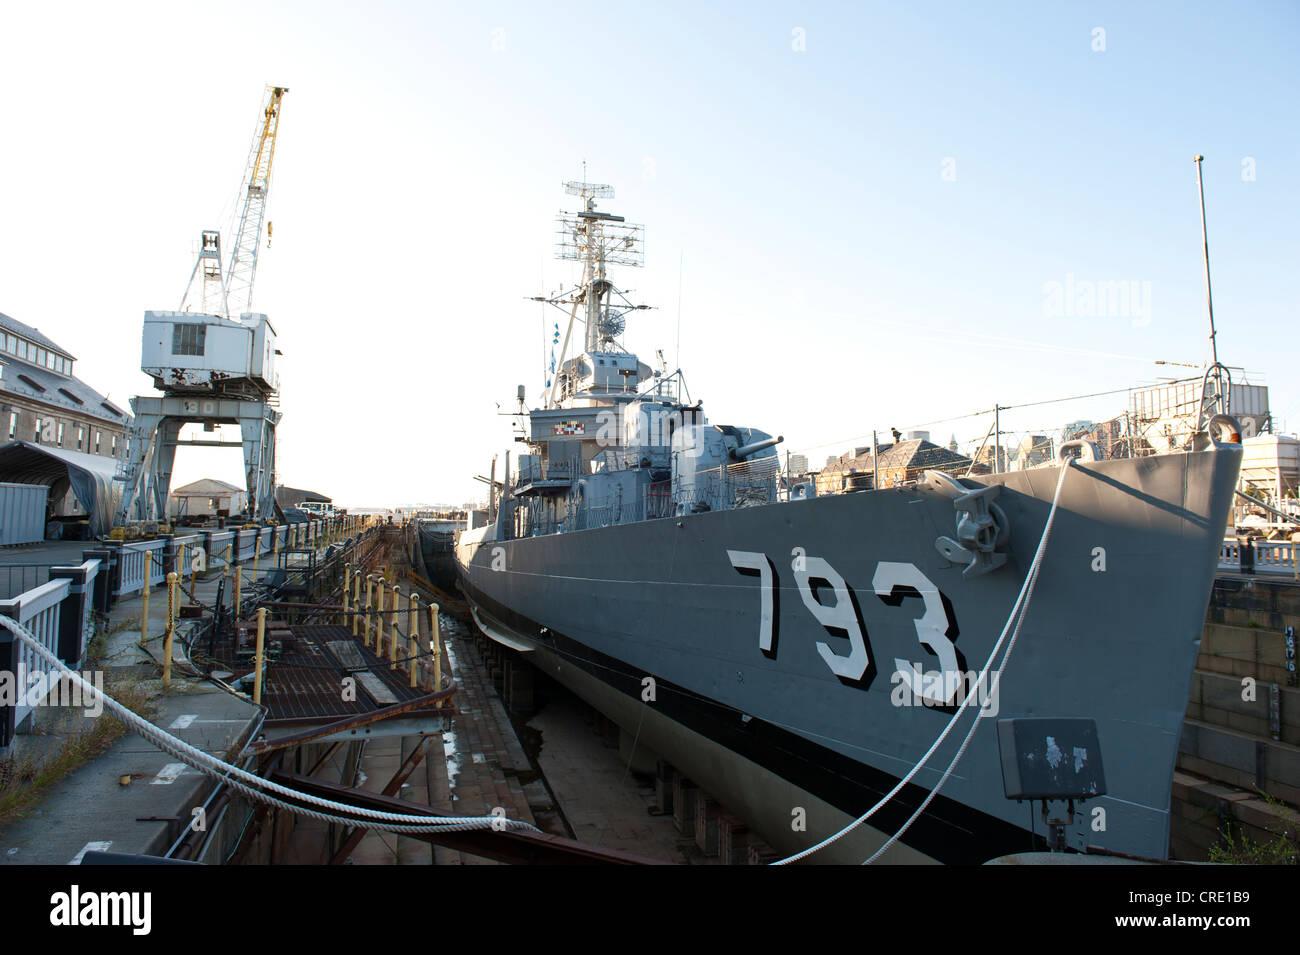 Schiff im Hafen, Museumsschiff, Marine Kriegsschiff, der Zerstörer USS Cassin Young DD-793 im Trockendock Stockbild